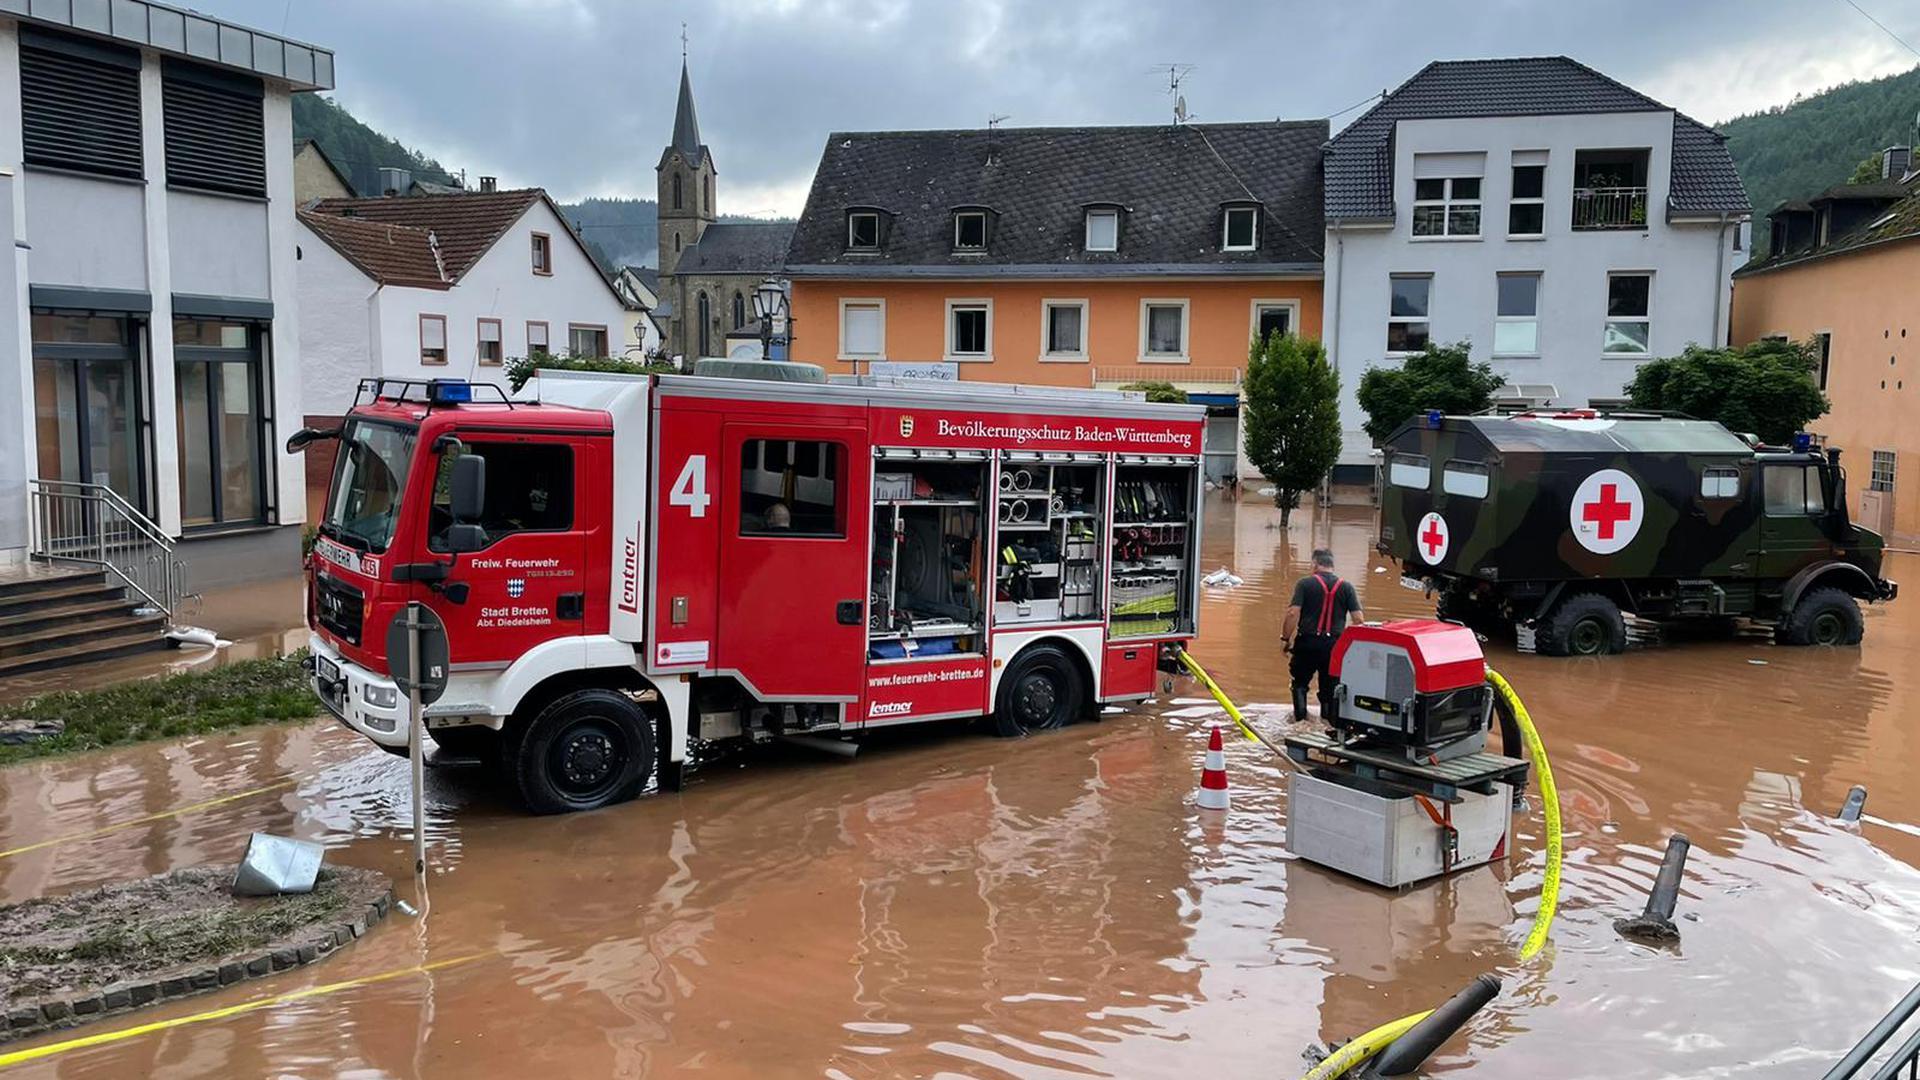 Bildtext: Ein Einsatzfahrzeug des Hochwasserzugs Karlsruhe Land im Einsatz in der Gemeinde Kordel/Rheinland-Pfalz. Das Bild zeigt das bei der Freiwilligen Feuerwehr Bretten stationierte Löschgruppenfahrzeug Katastrophenschutz. (Foto: Stefan Engelhardt)